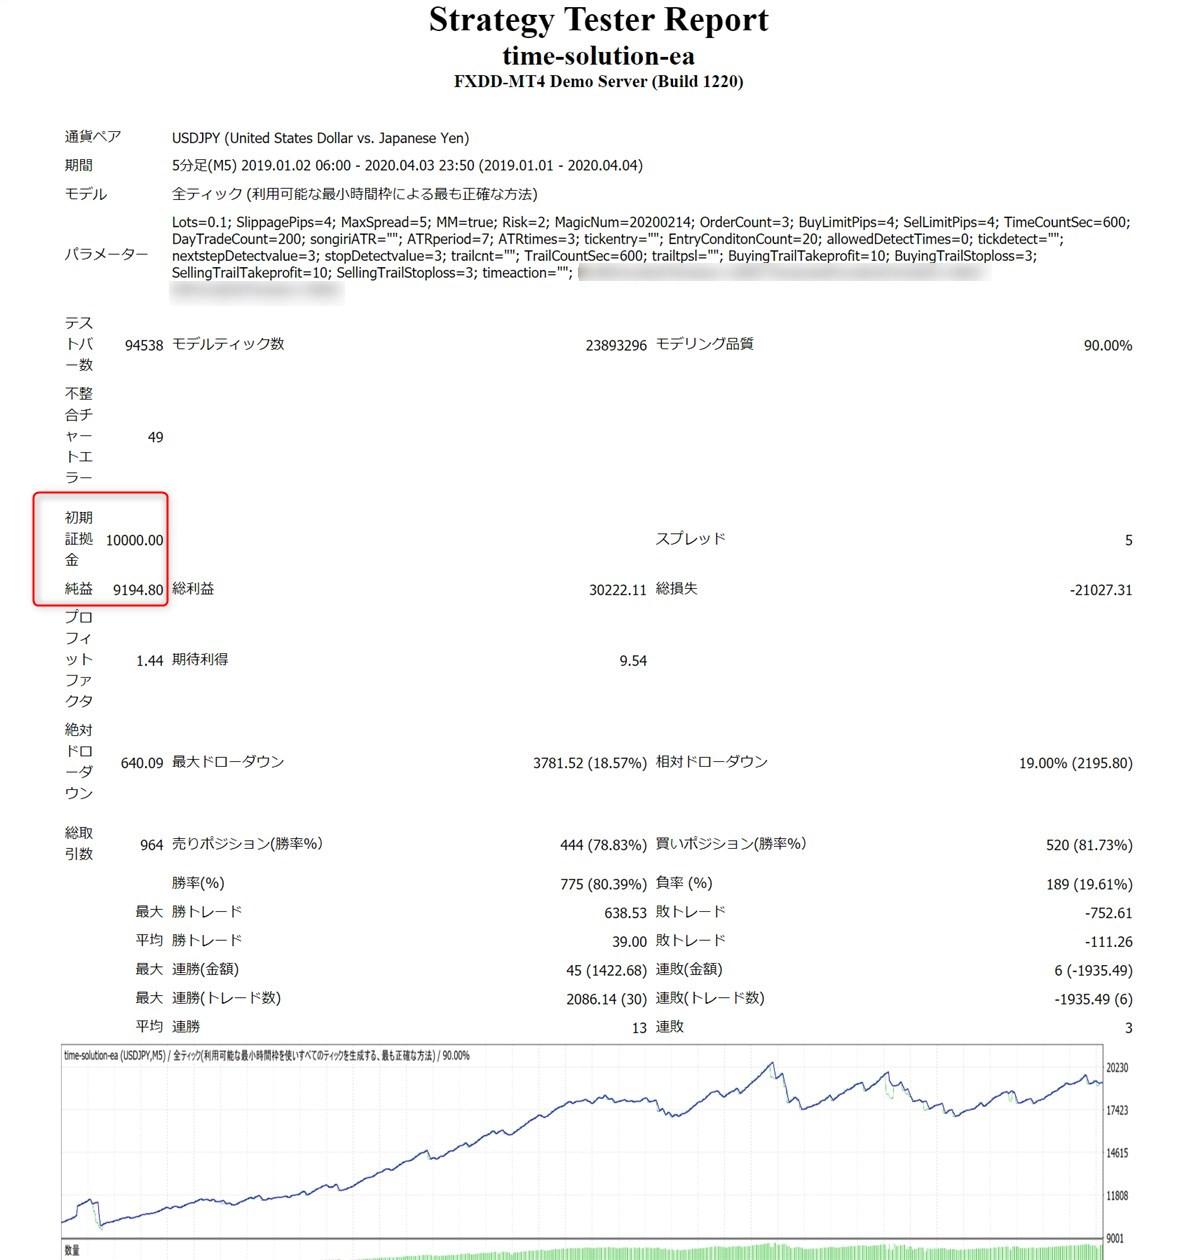 タイムソリューションEA:ドル円のバックテスト結果(2019年~2020年4月)